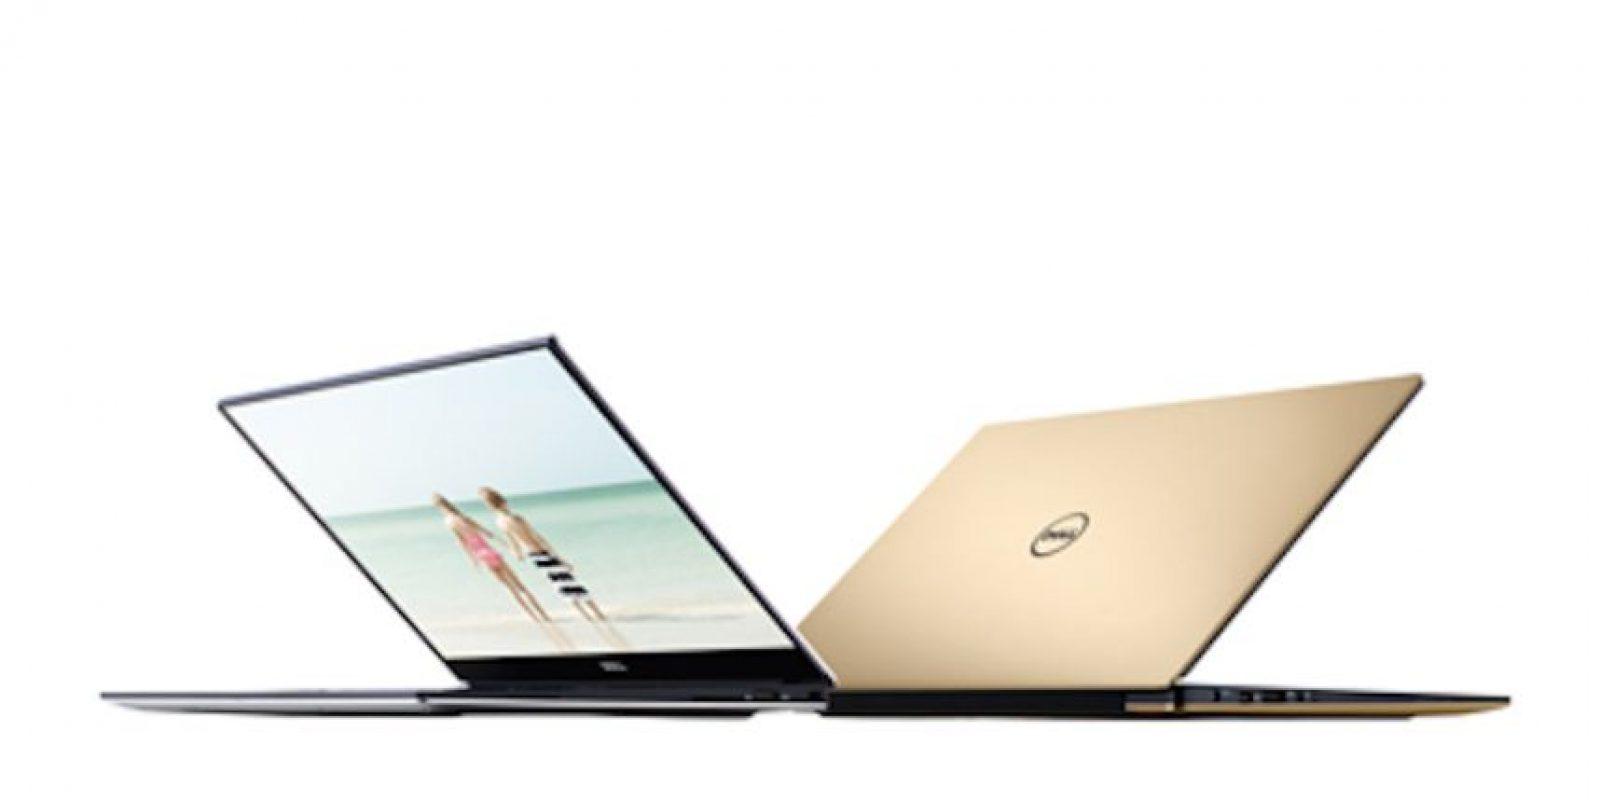 El modelo edición limitada XPS 13 de Dell de oro causó furor en China por su semejanza con el MacBook Air de Apple Foto:Dell